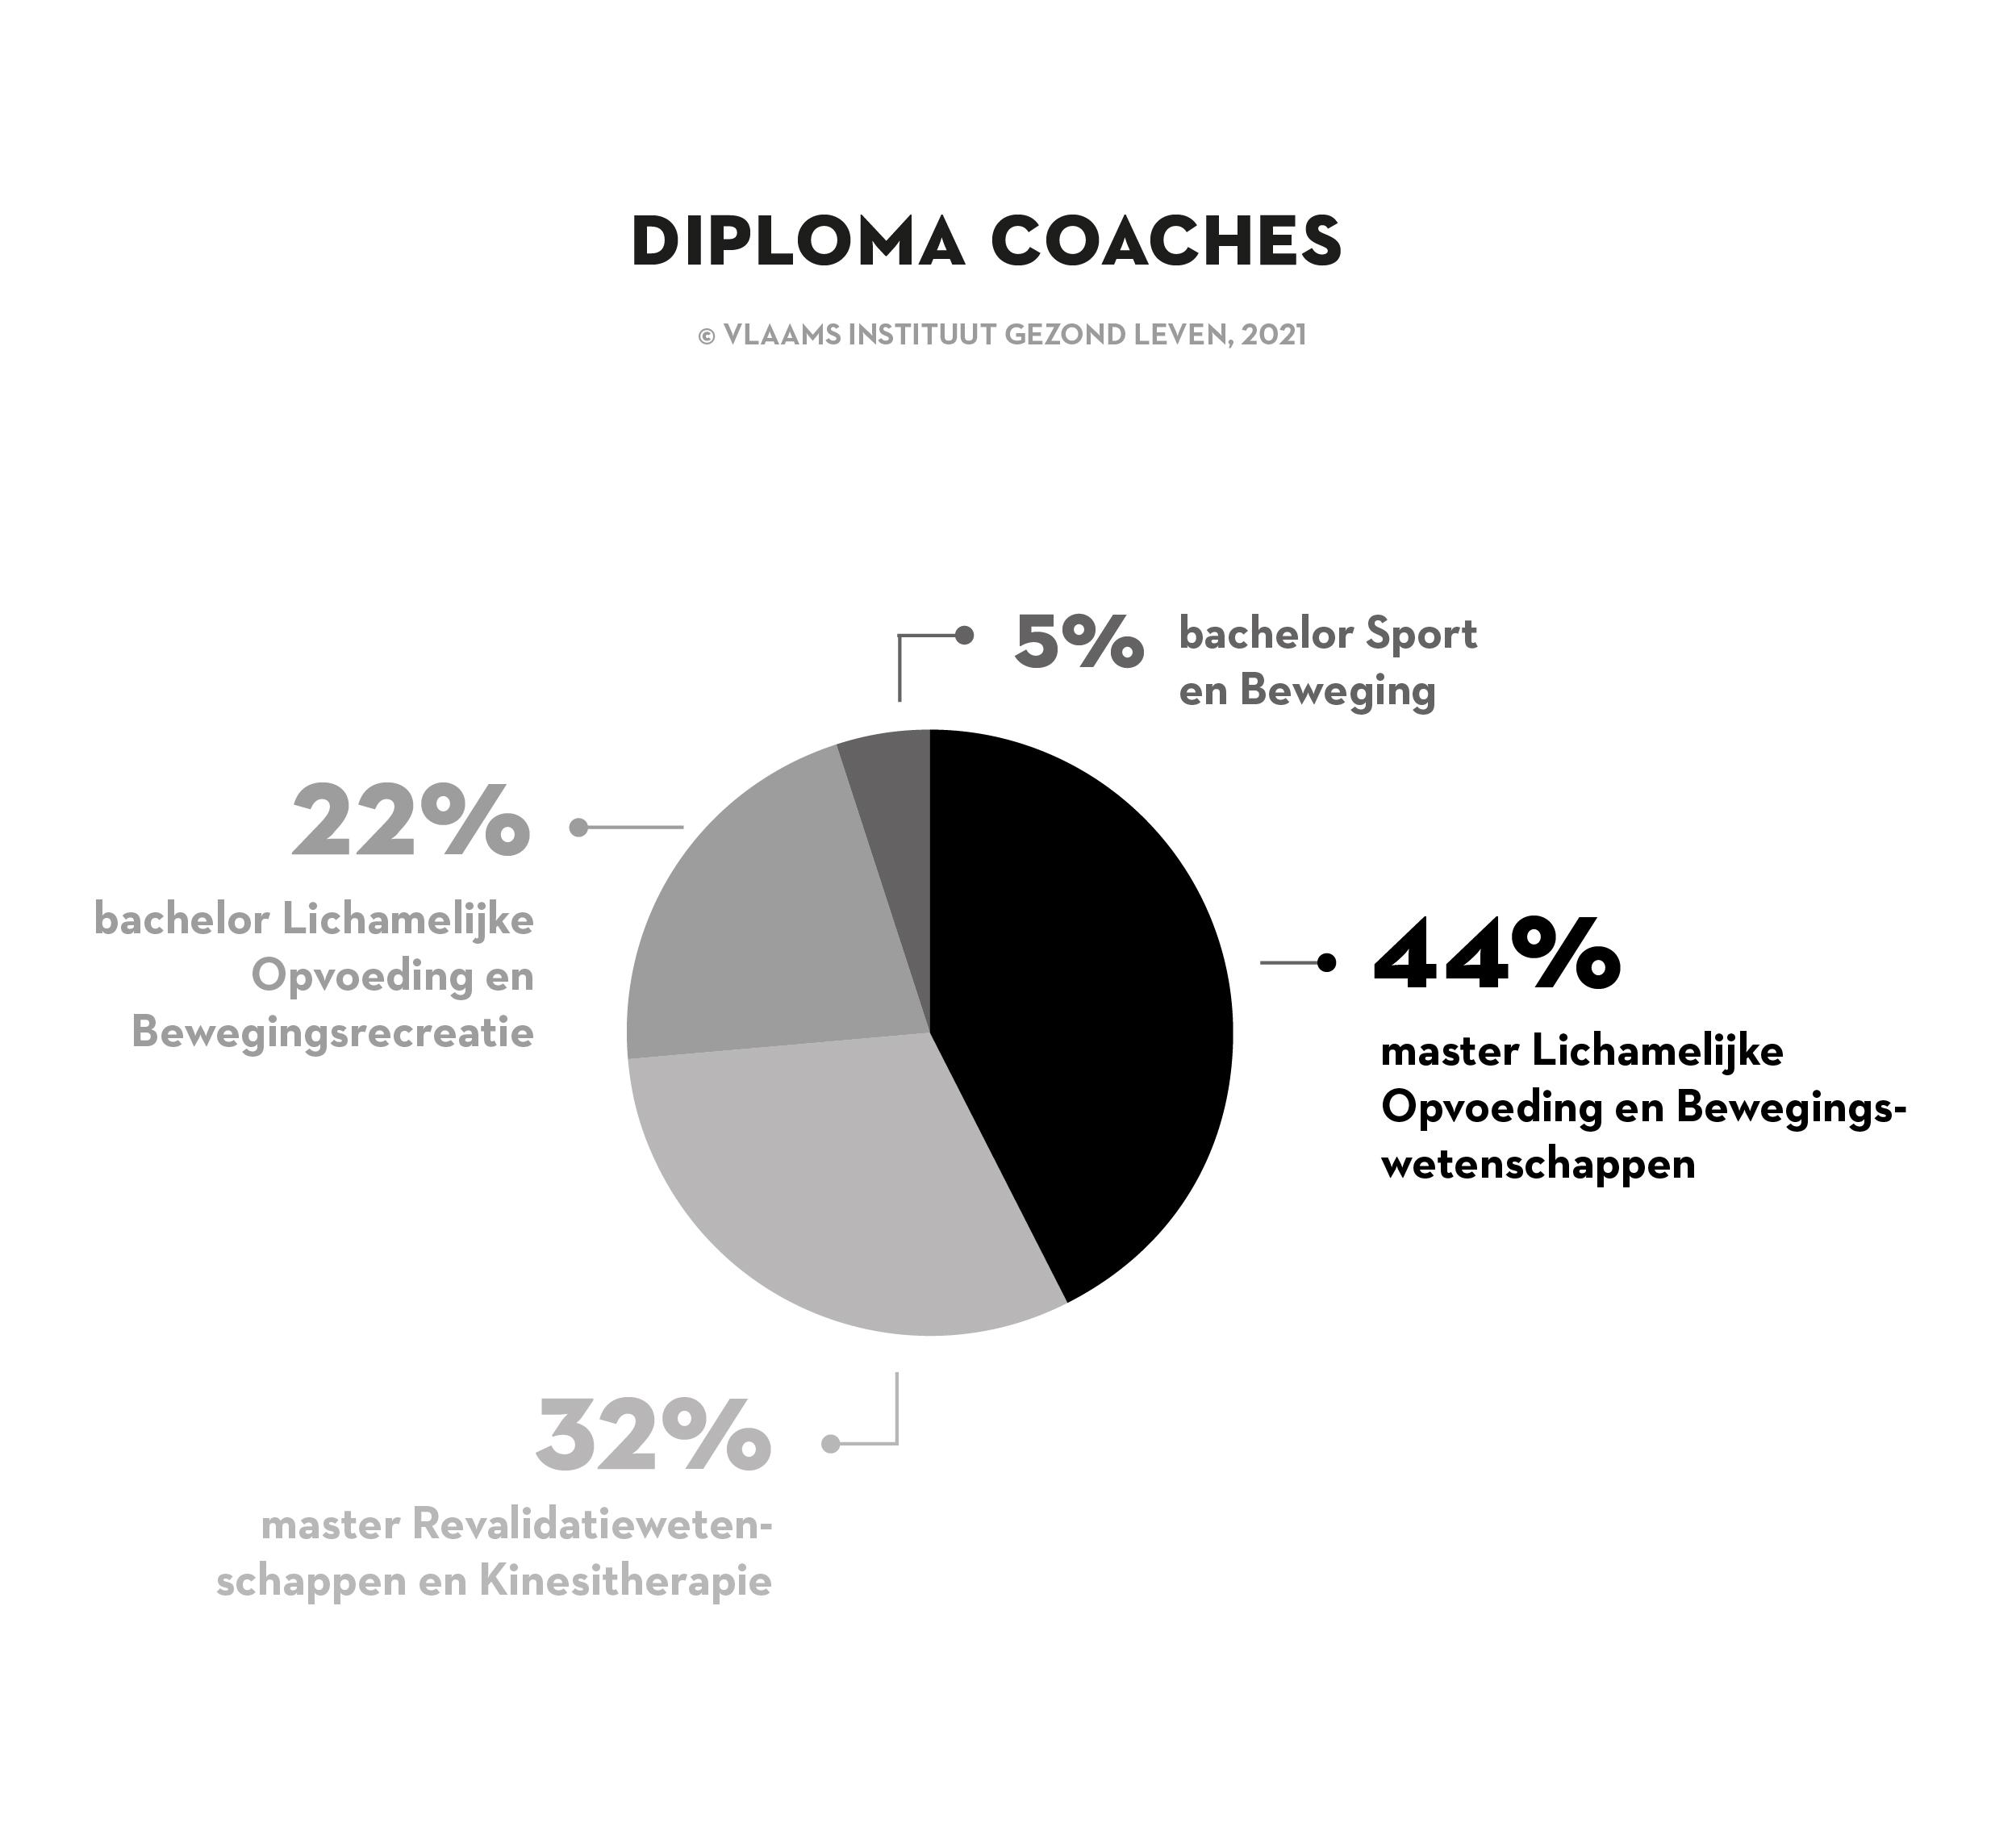 Diploma coaches